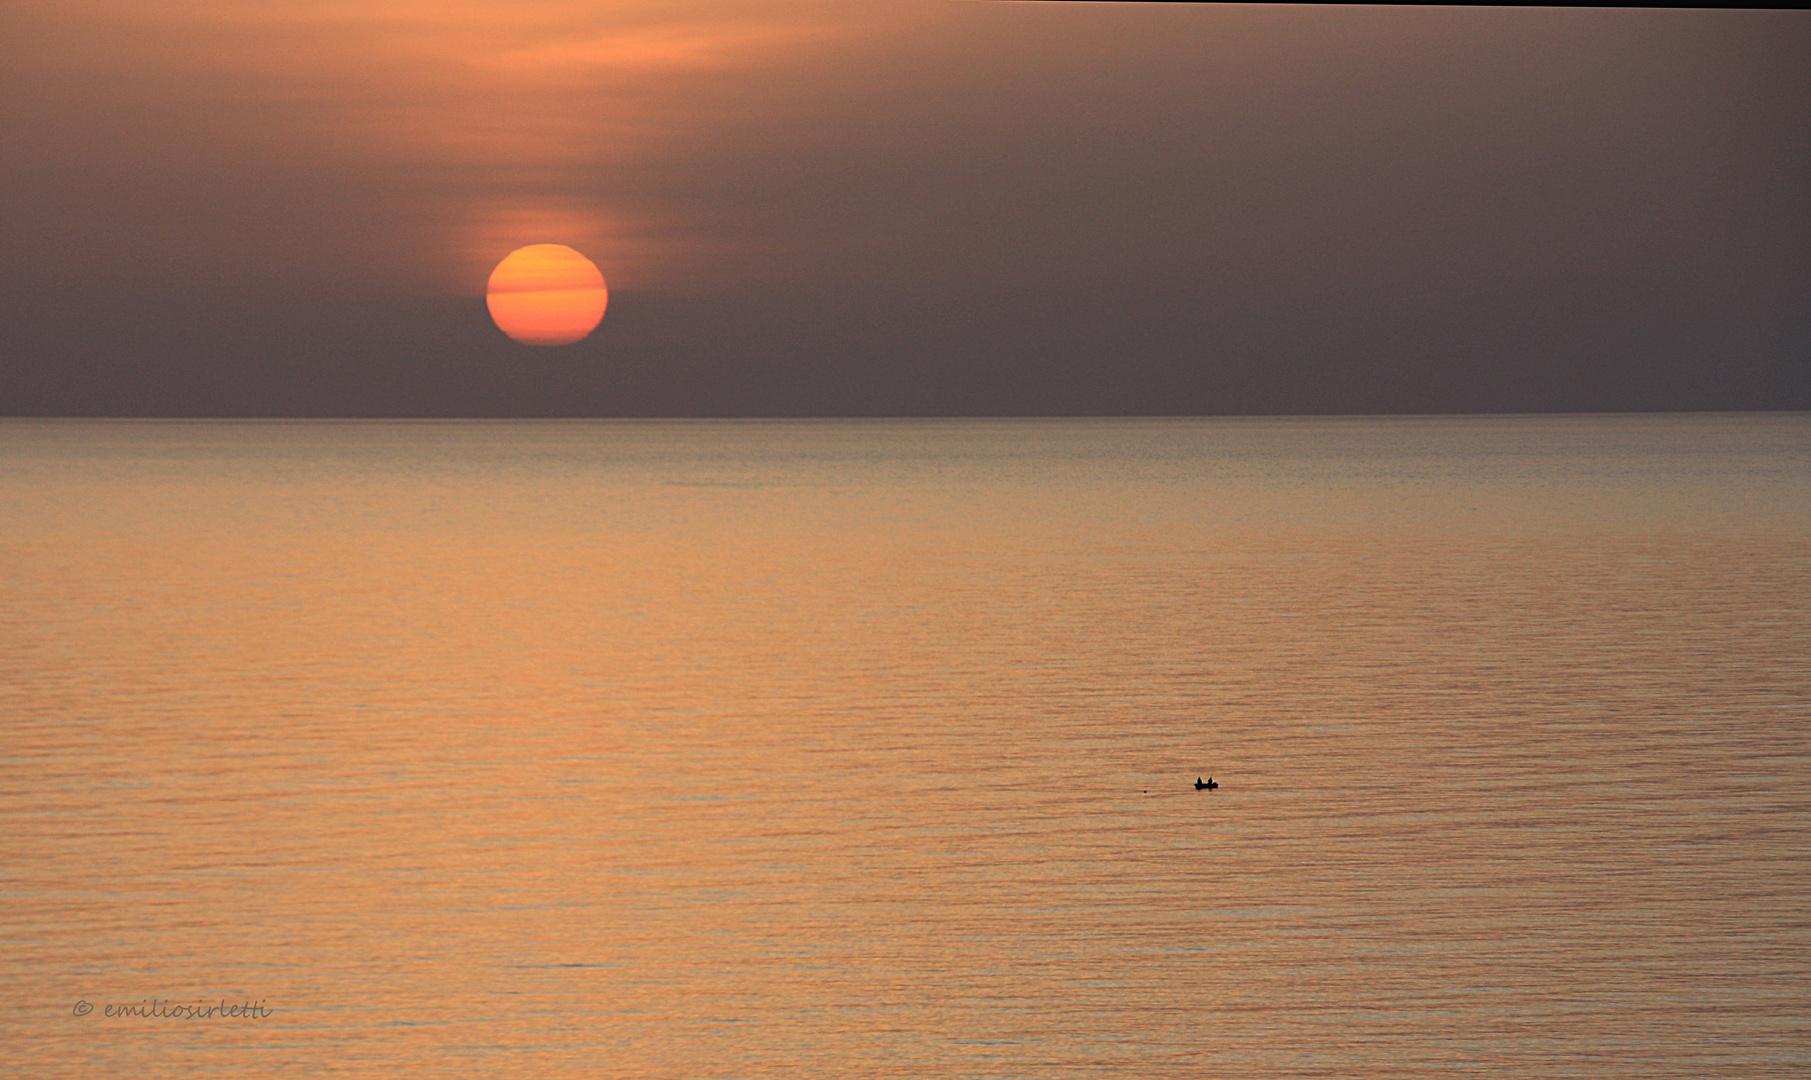 La poesia del mare -  La poésie de la mer